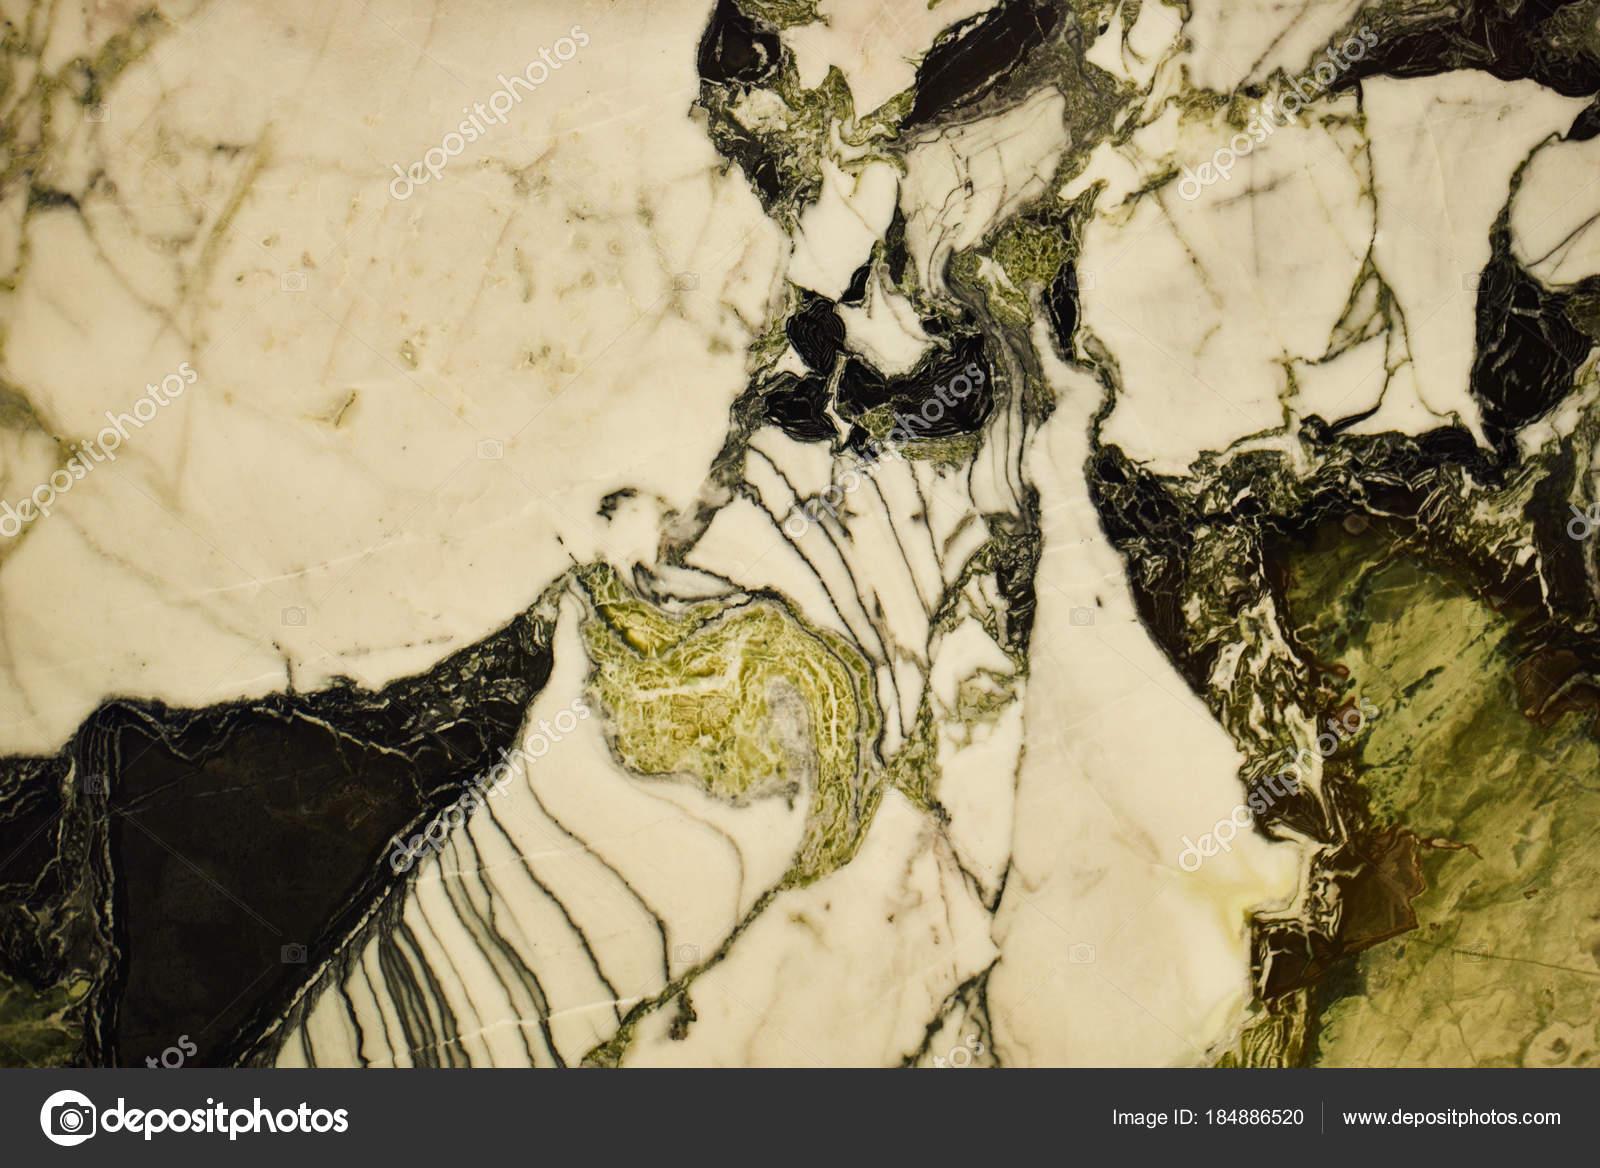 Gruner Marmor Muster Textur Naturlichen Hintergrund Innenraume